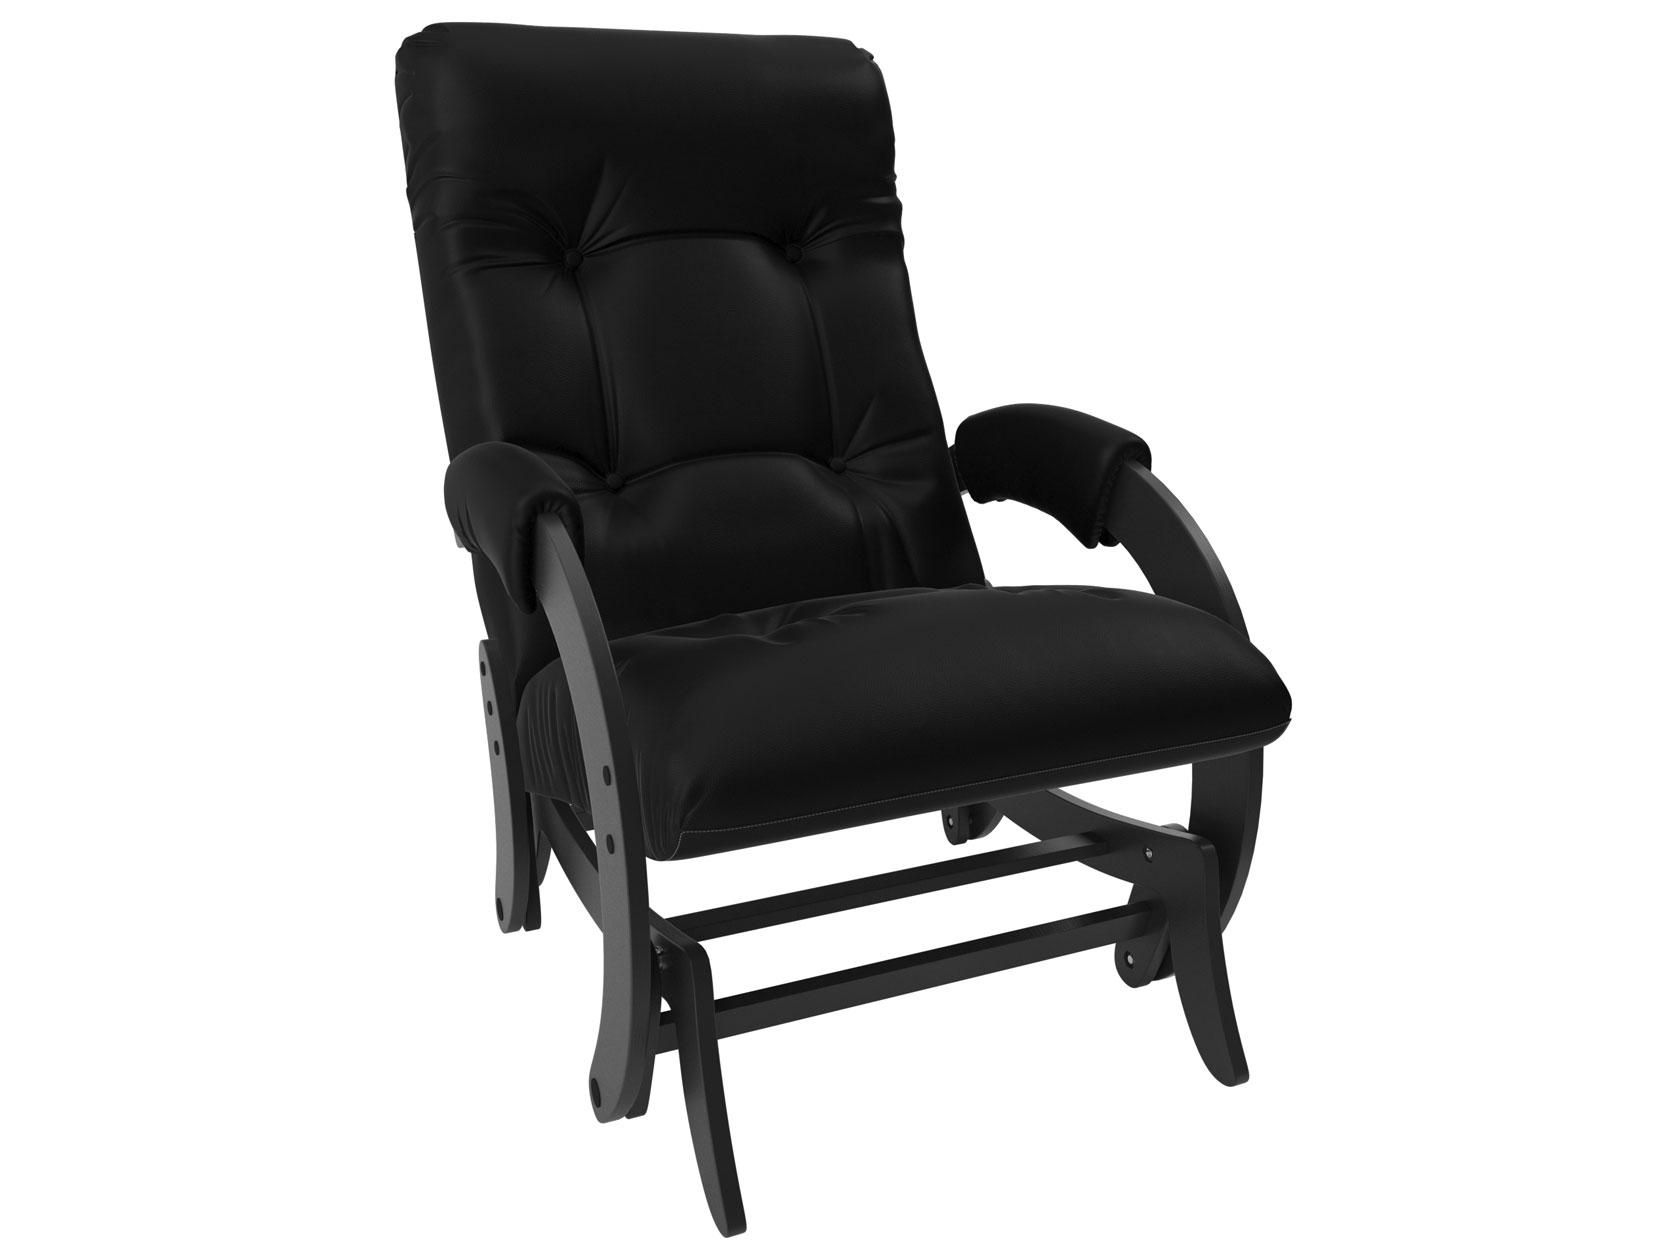 Кресло-глайдер 179-78644